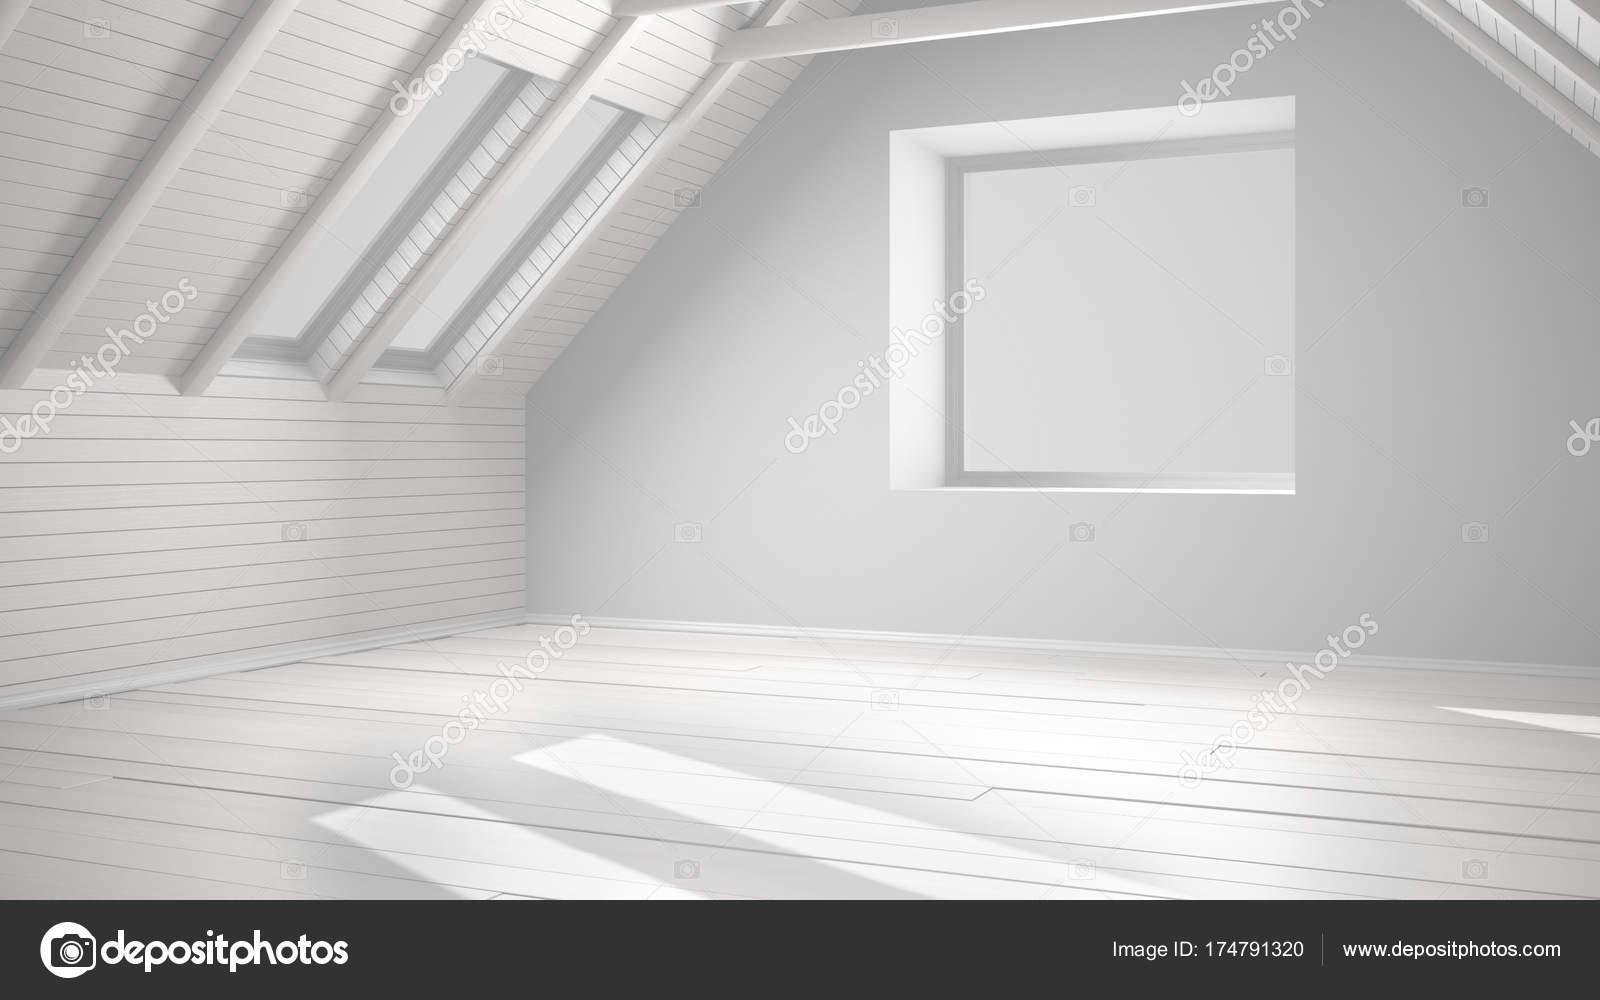 Welcher Fußboden Im Dachboden ~ Weiße gesamtprojekt des leeren raumes dachboden dachgeschoss